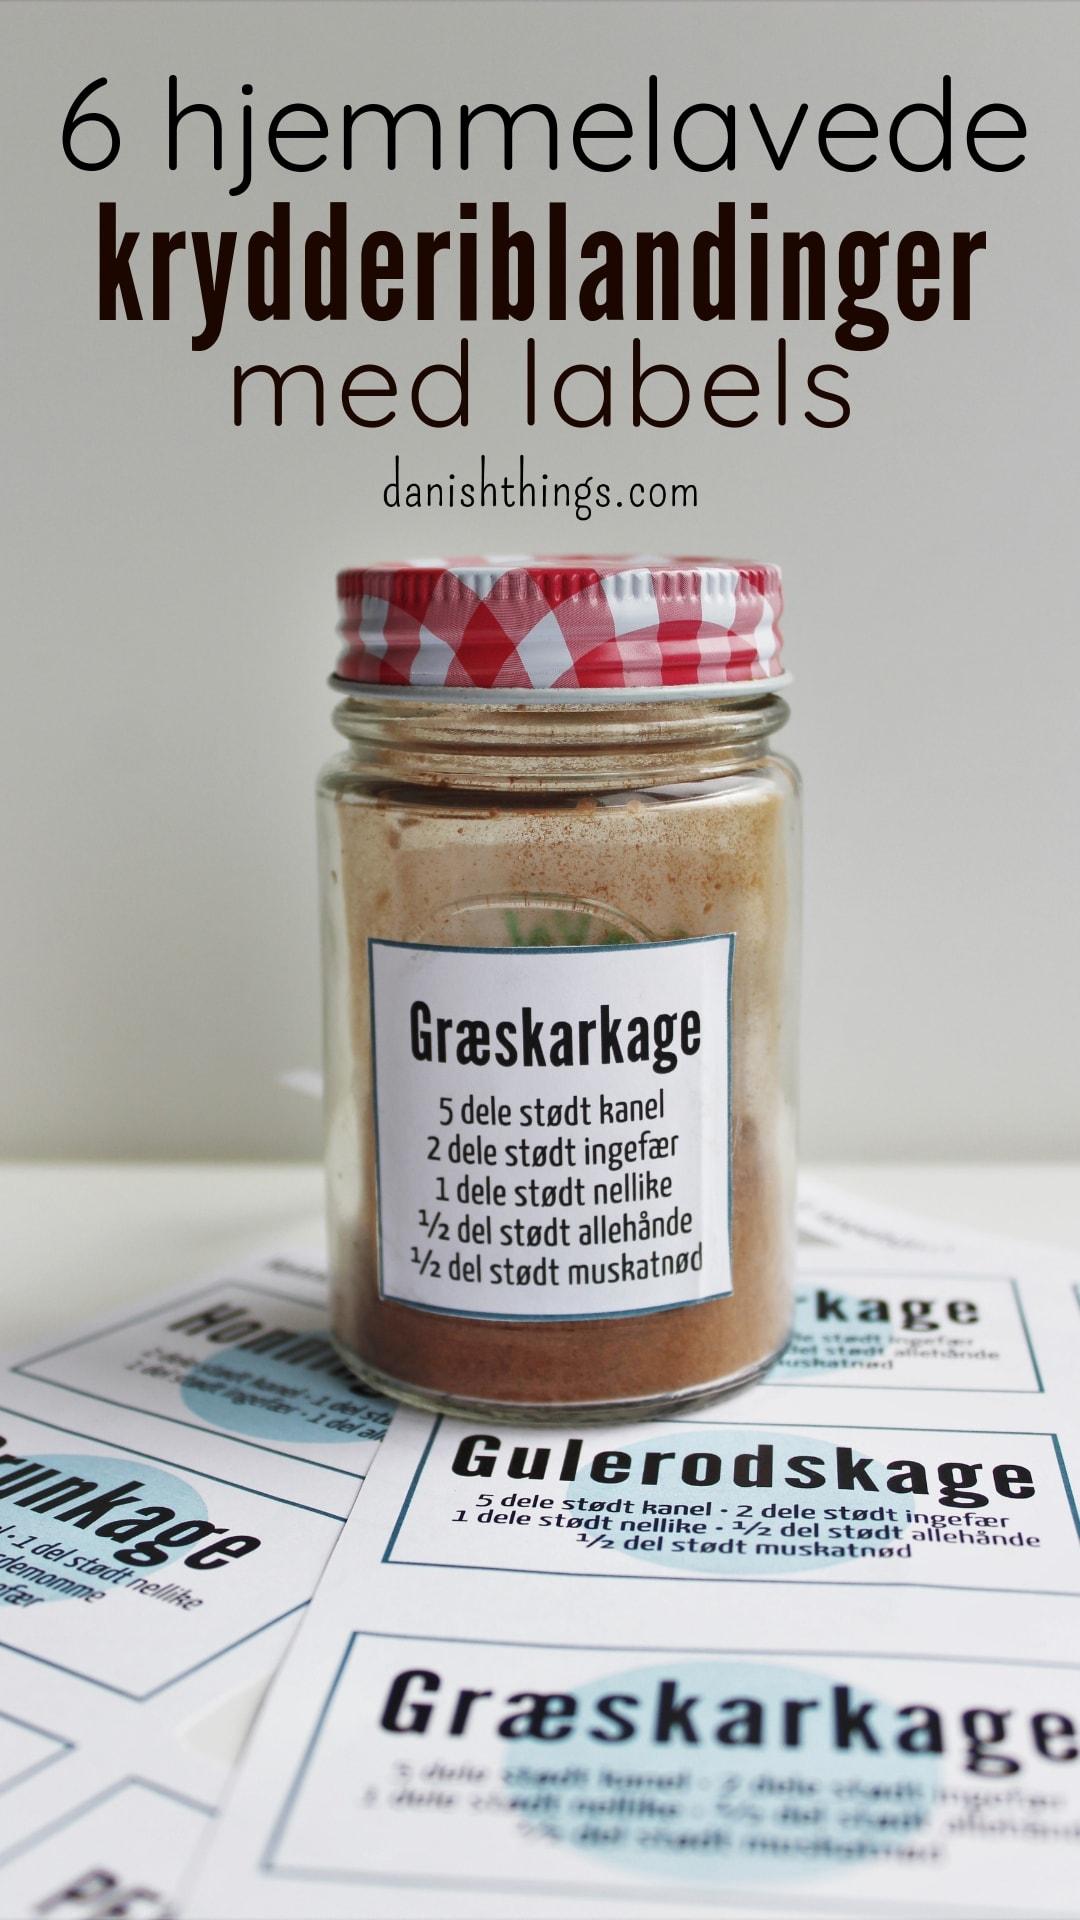 #6 krydderiblandinger til kager, småkager og meget mere. Lav dine egne krydderiblandinger til: honningkager, pebernødder, peberkager, brunkager, krydderkage, gulerodskage, græskarkage og squashkage - print de tilhørende labels, så du kan kende forskel. Fil download og inspiration til årets gang på danishthings.com